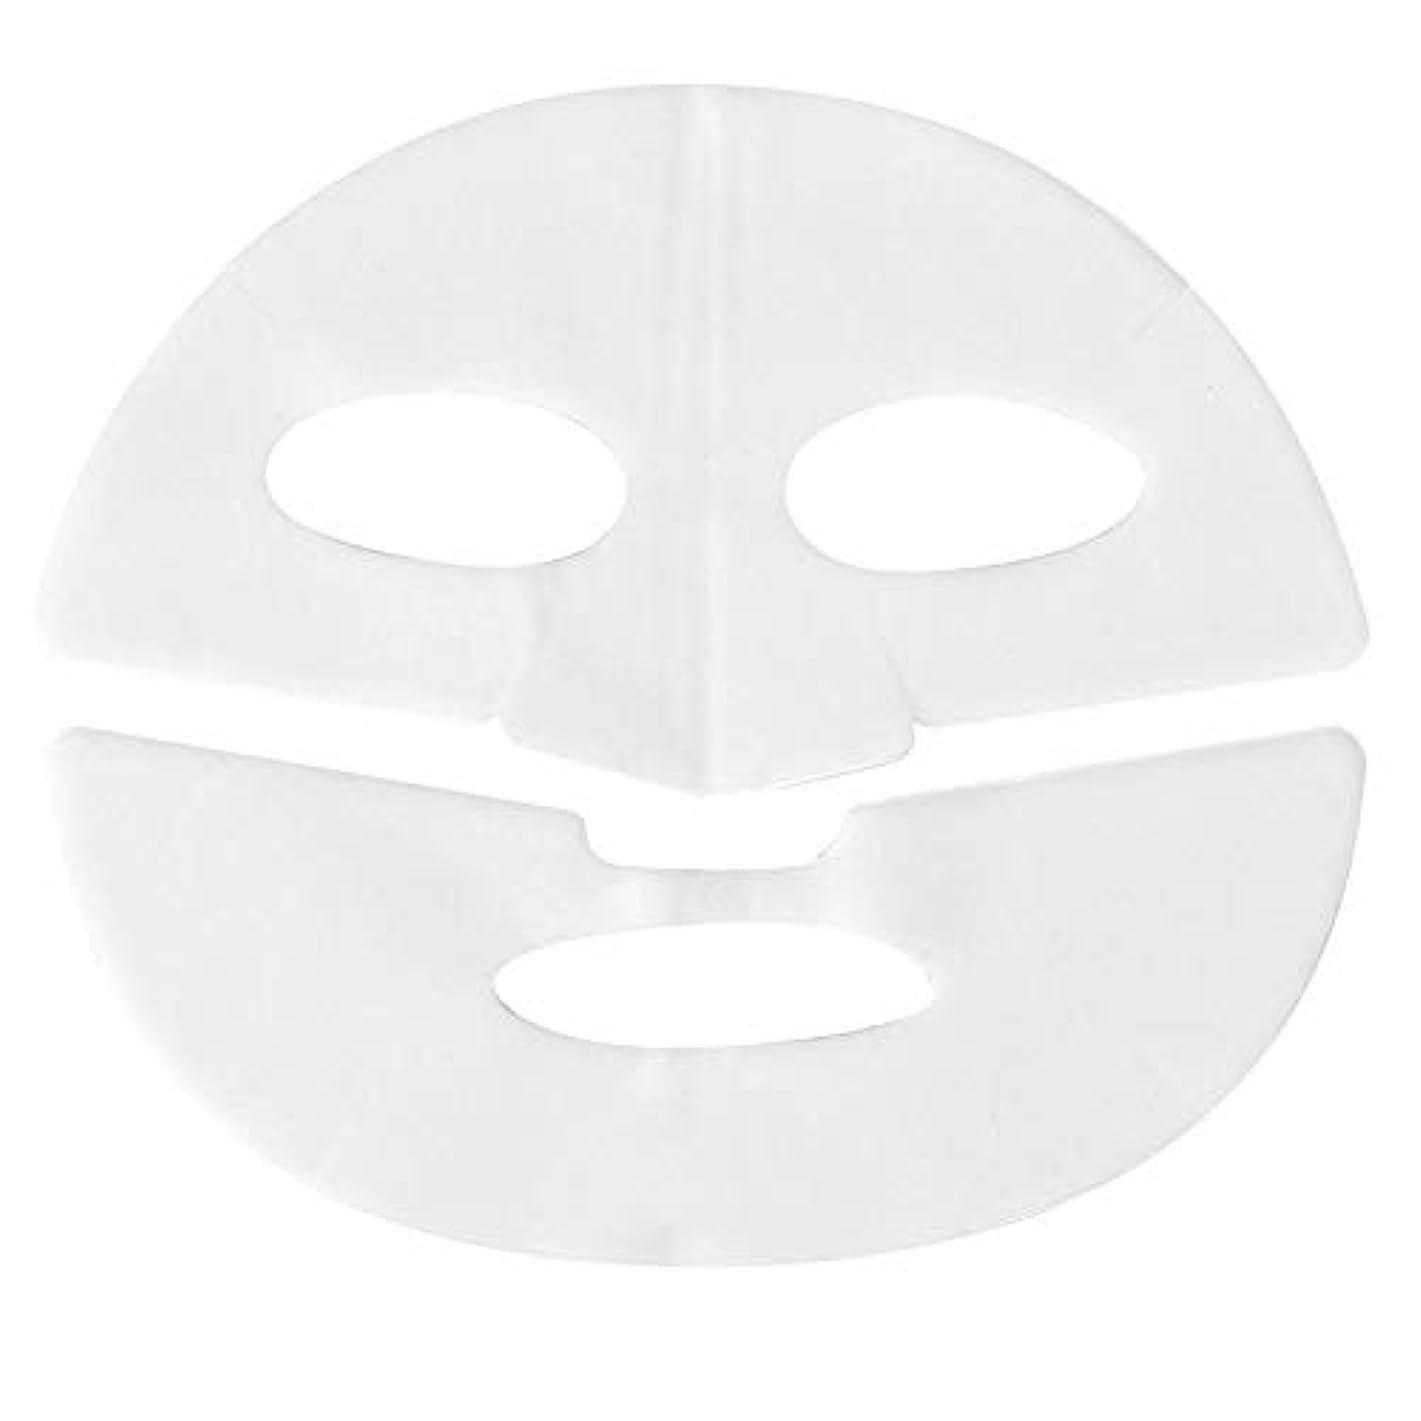 敗北ウォーターフロント決して10 PCS痩身マスク - 水分補給用V字型マスク、保湿マスク - 首とあごのリフト、アンチエイジング、しわを軽減